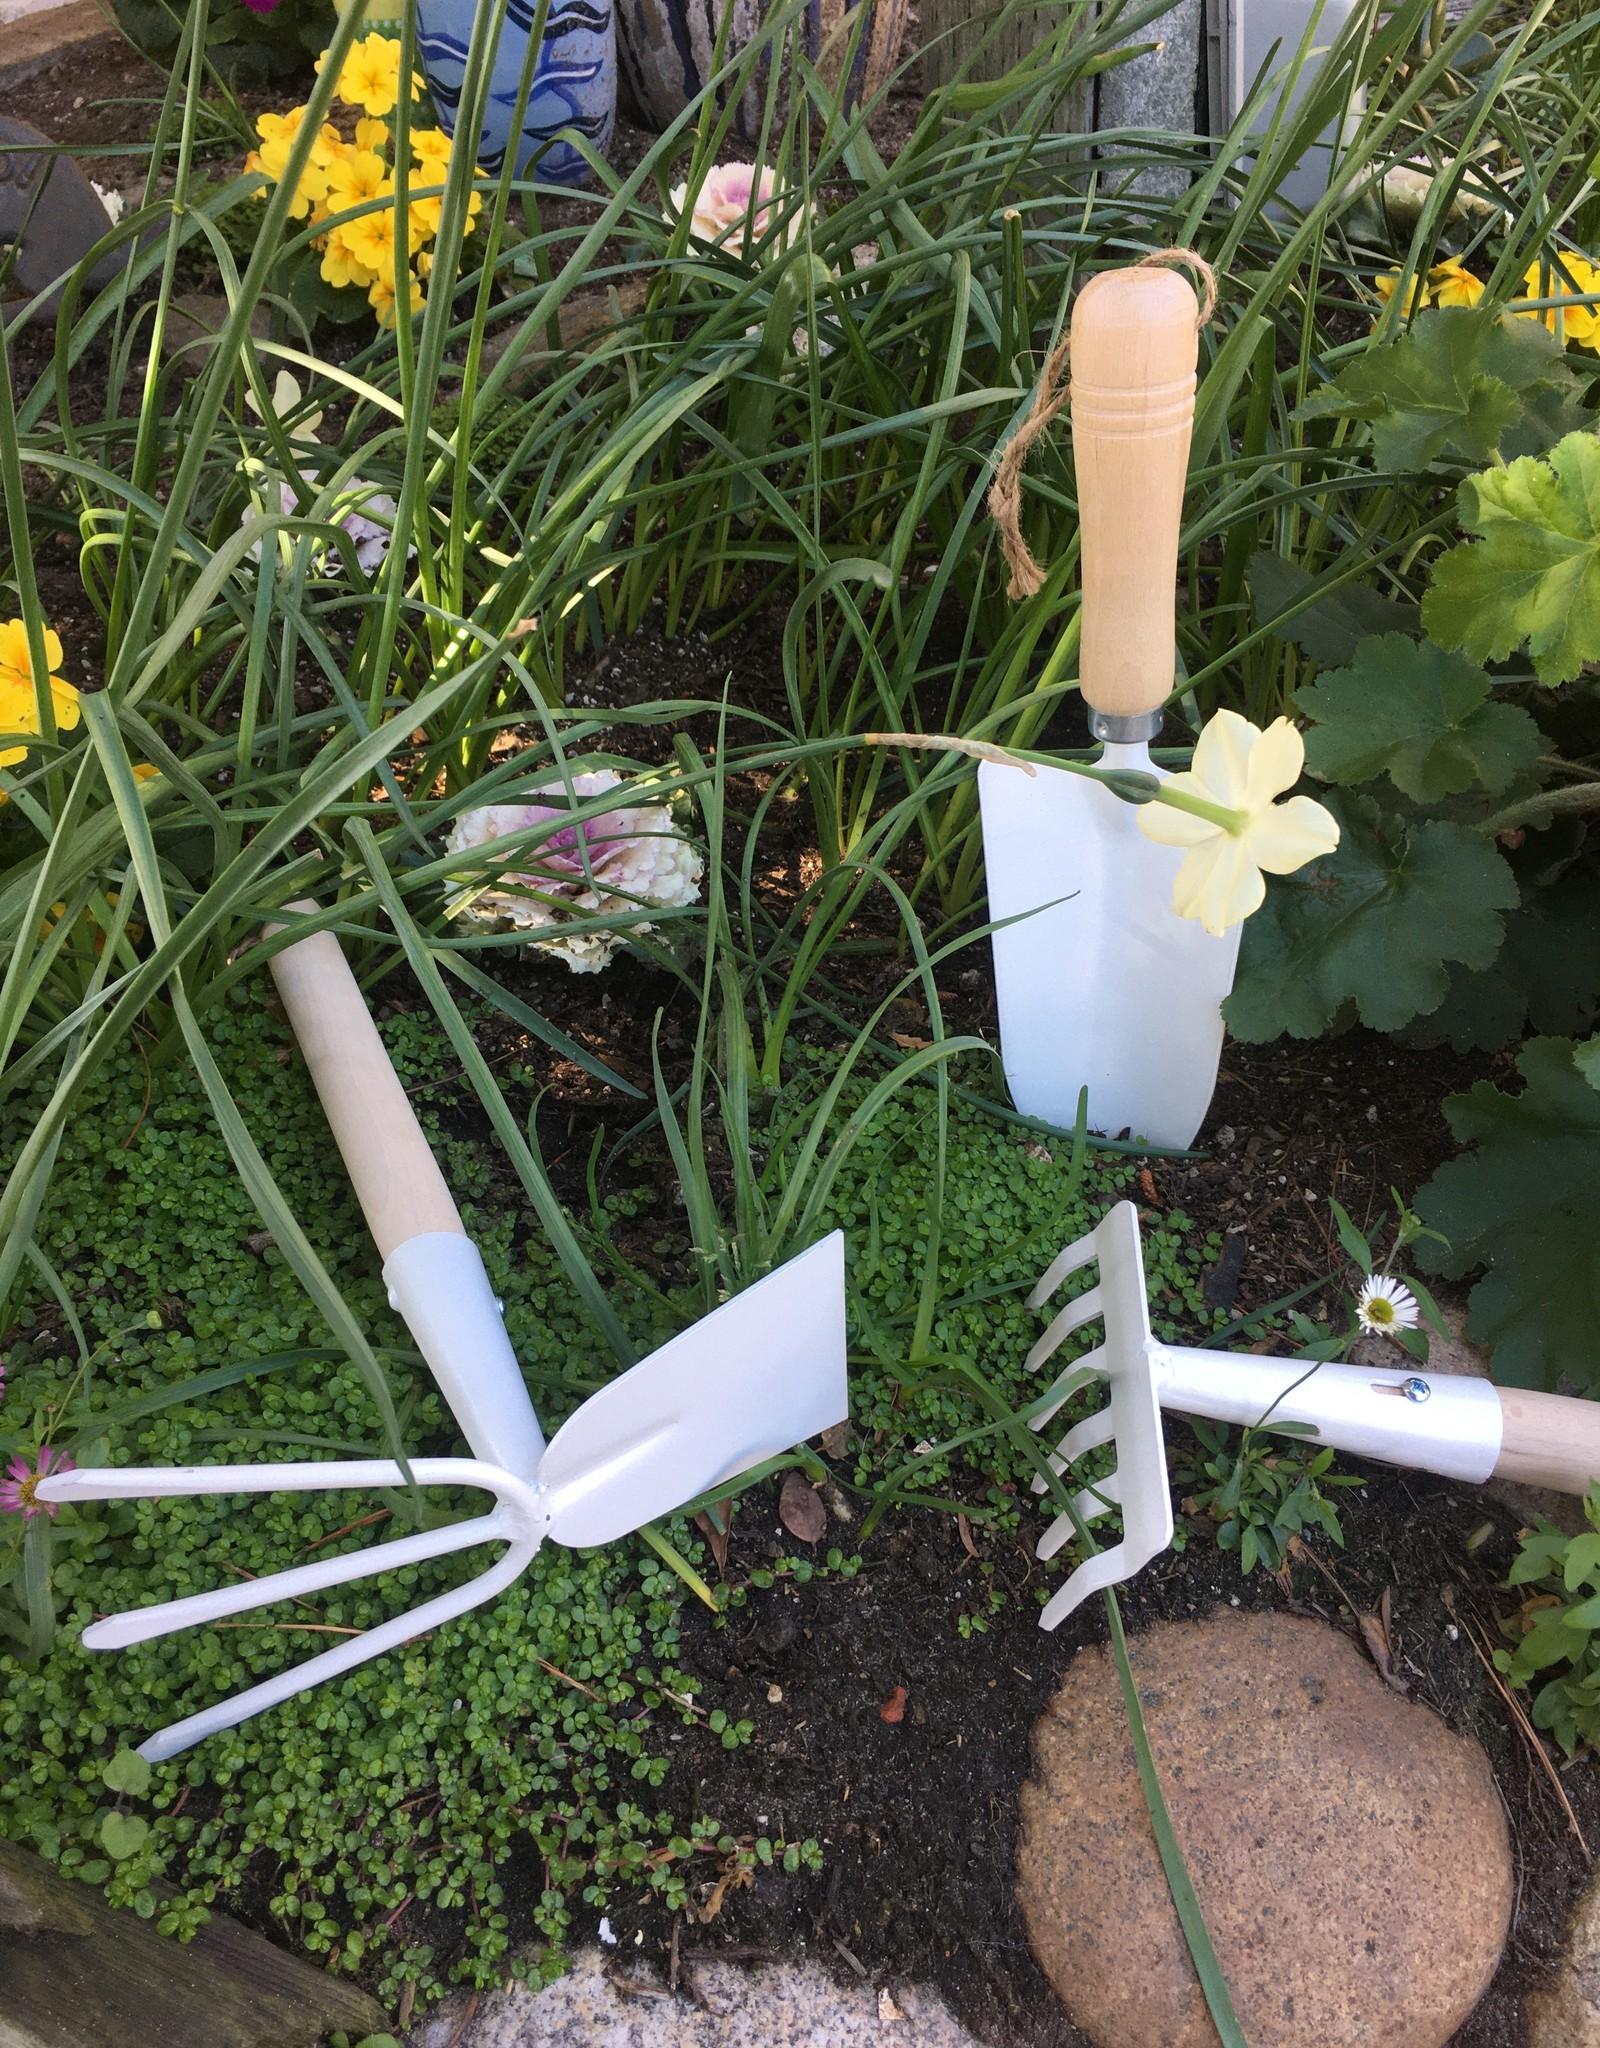 Redecker Gardening Tools